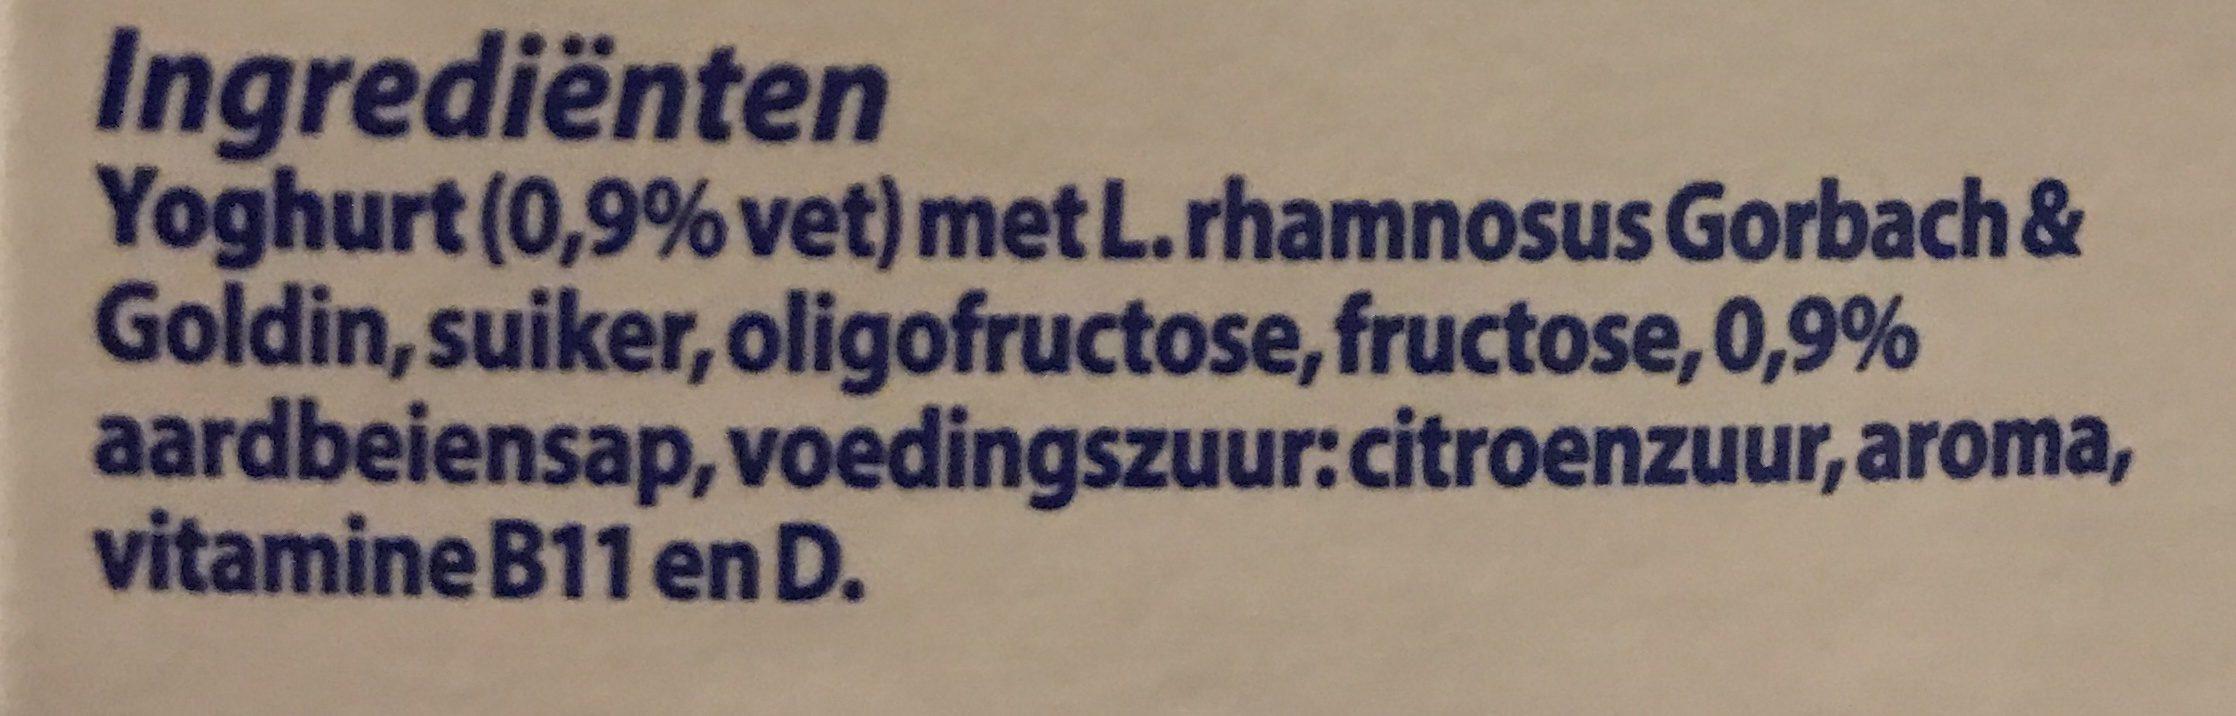 Drinkyoghurt Aardbei - Ingredients - nl